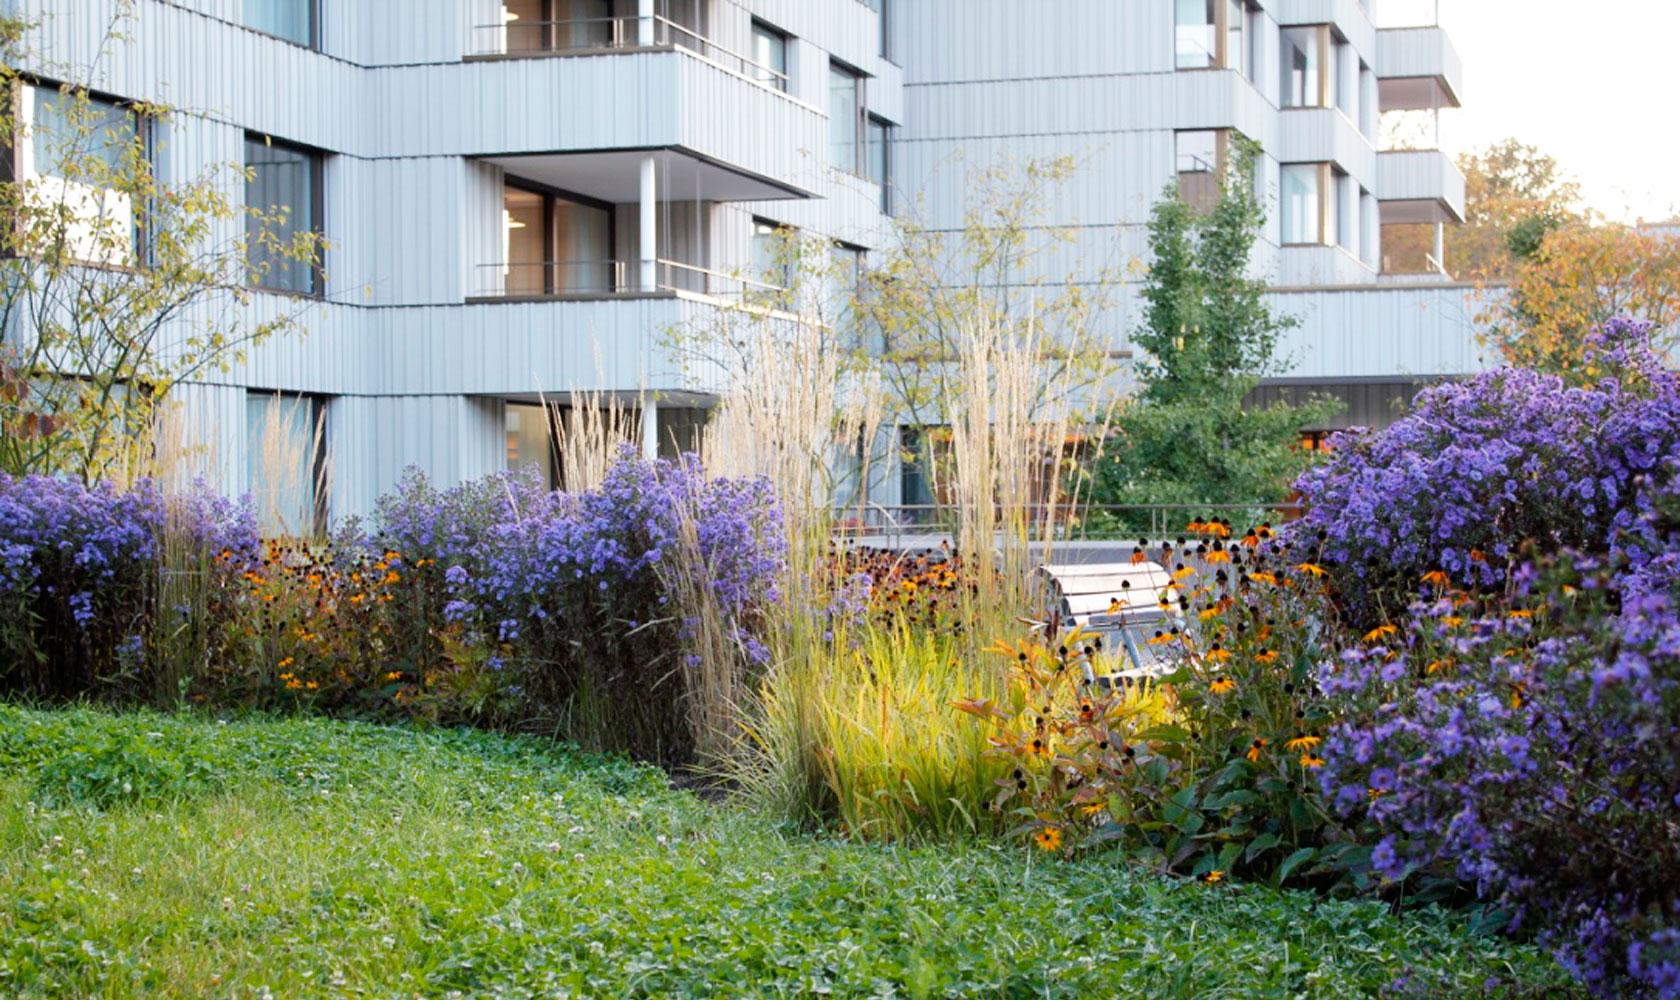 http://hmla.ch/soziale-einrichtungen/pflegezentrum-witikon/